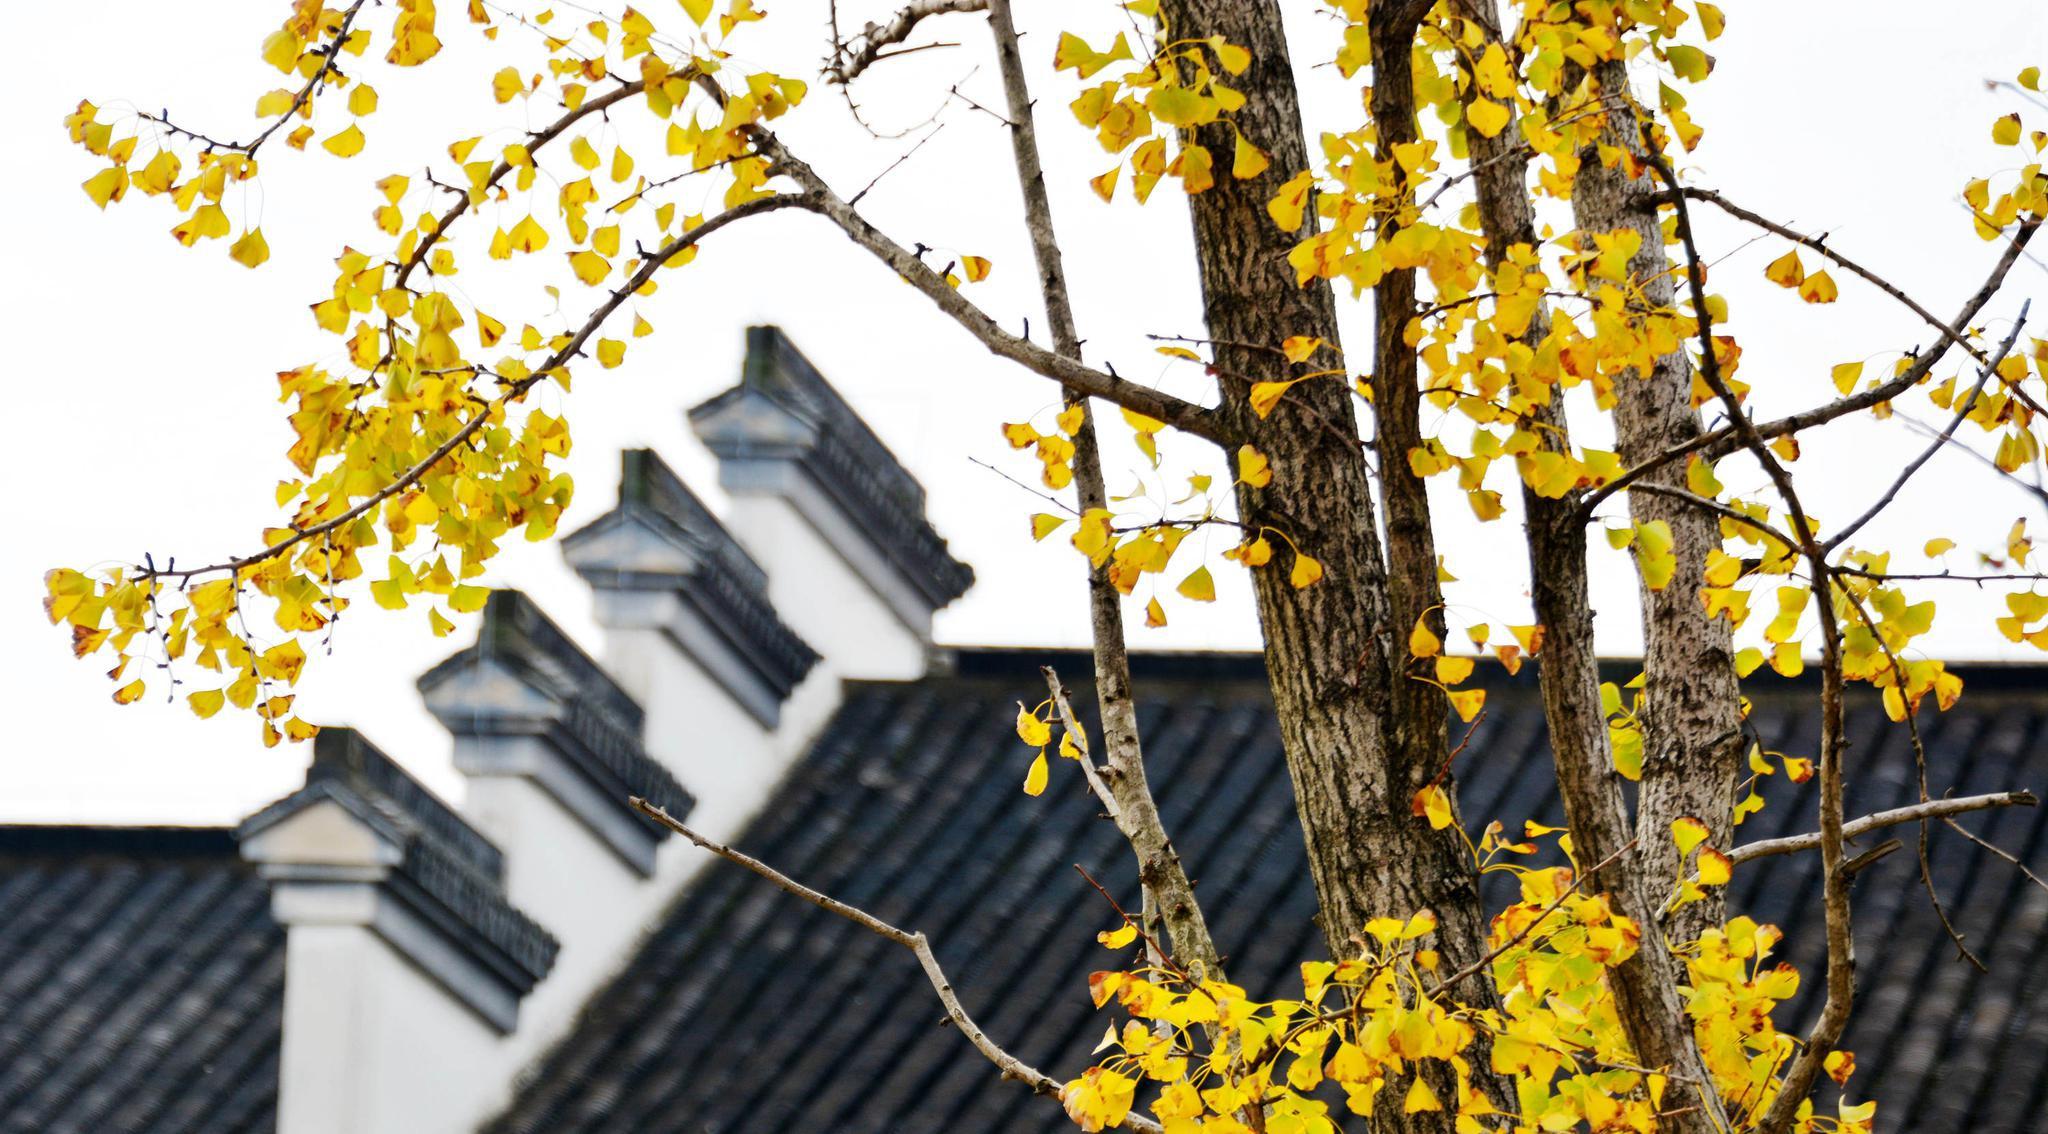 无锡的初冬,还是深秋的景色。这里是锡山区鹅湖镇鹅湖玫瑰文化园